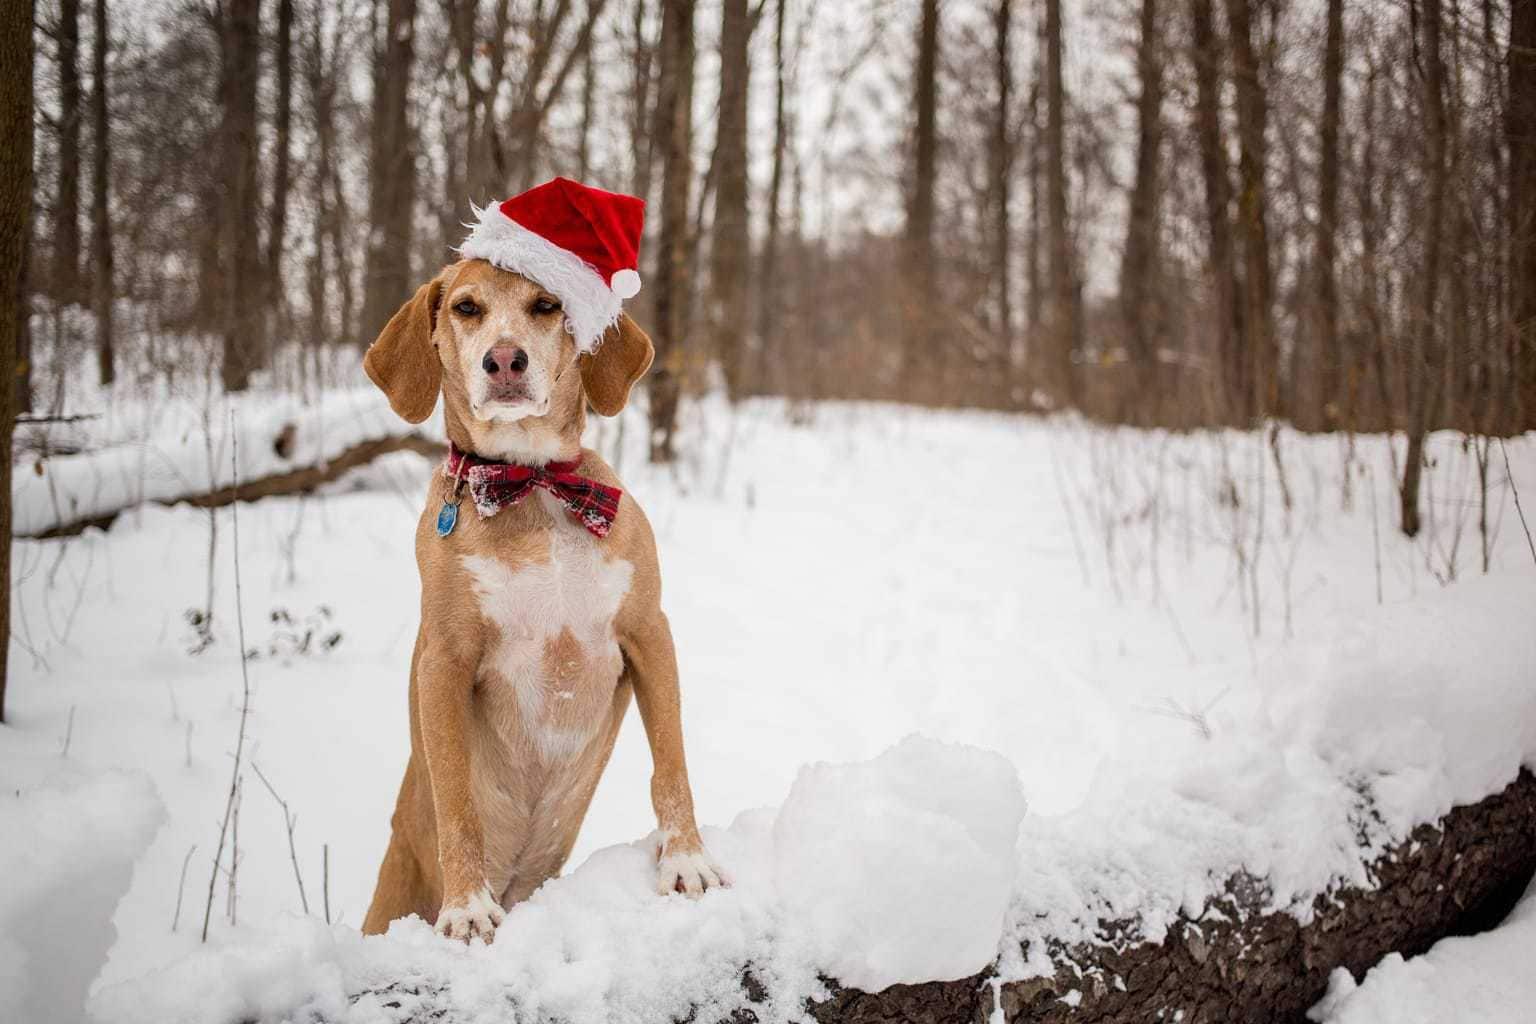 fotografía perro en la nieve con gorro de navidad